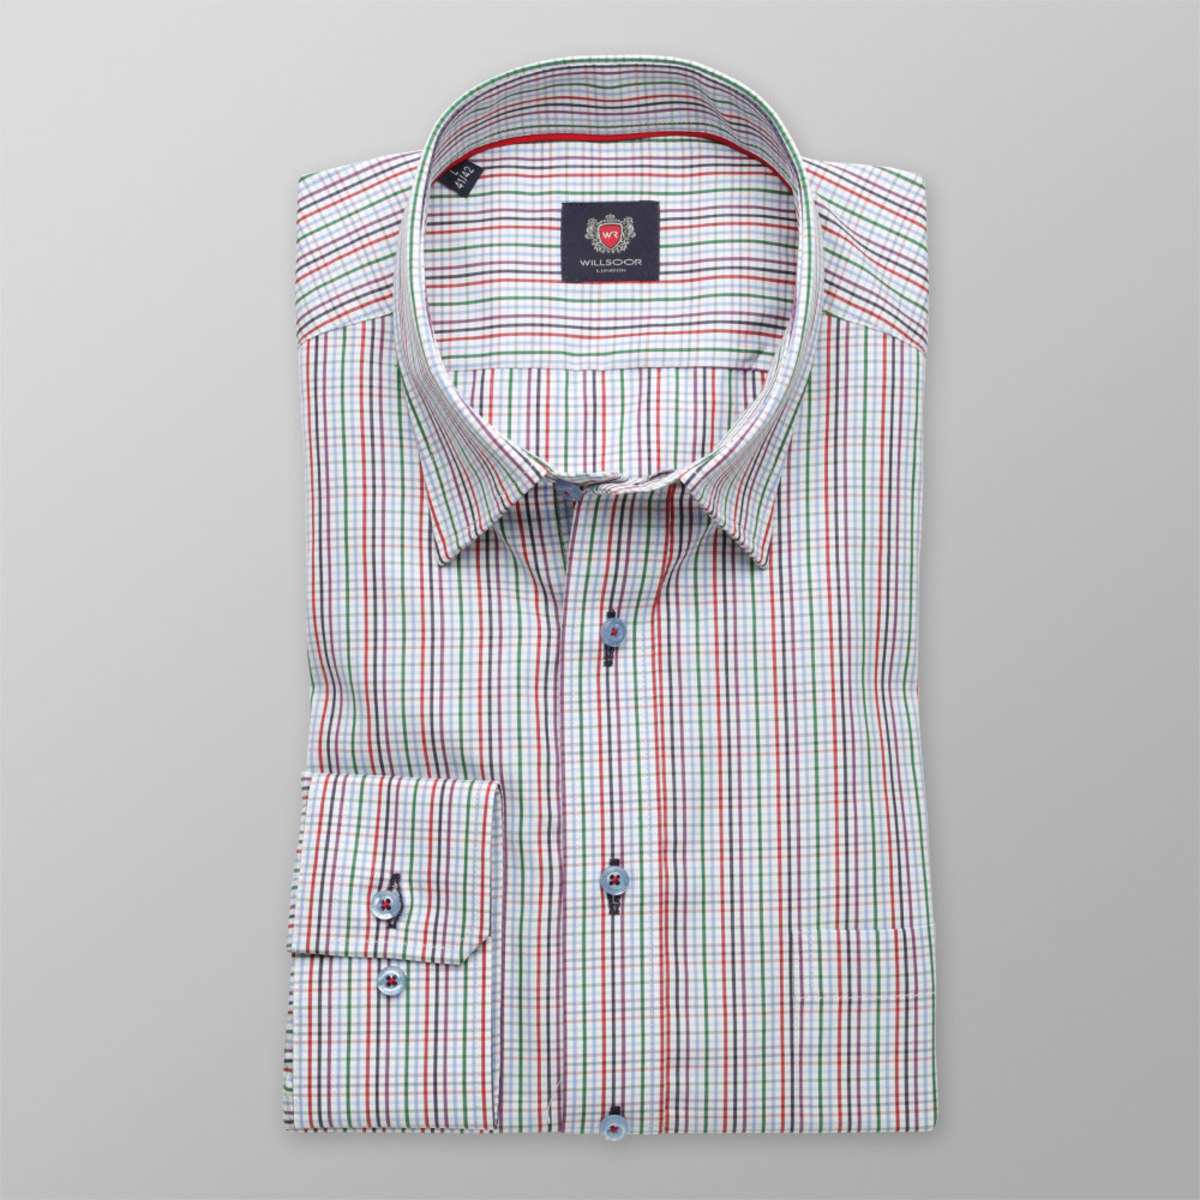 Pánská klasická košile London (výška 176-182) 8638 v bílé barvě s barevnou kostkou a úpravou easy care 176-182 / L (41/42)